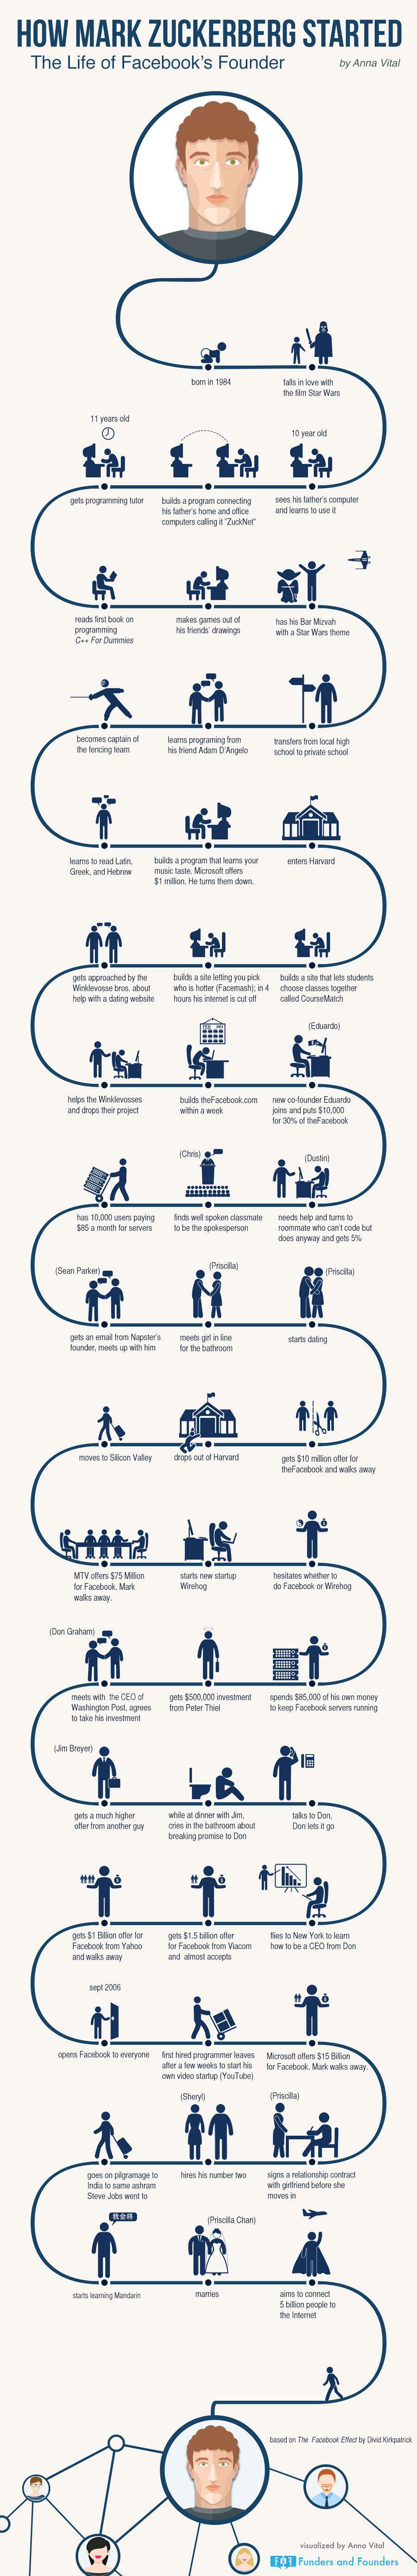 infografía-mark-zuckerberg-vida